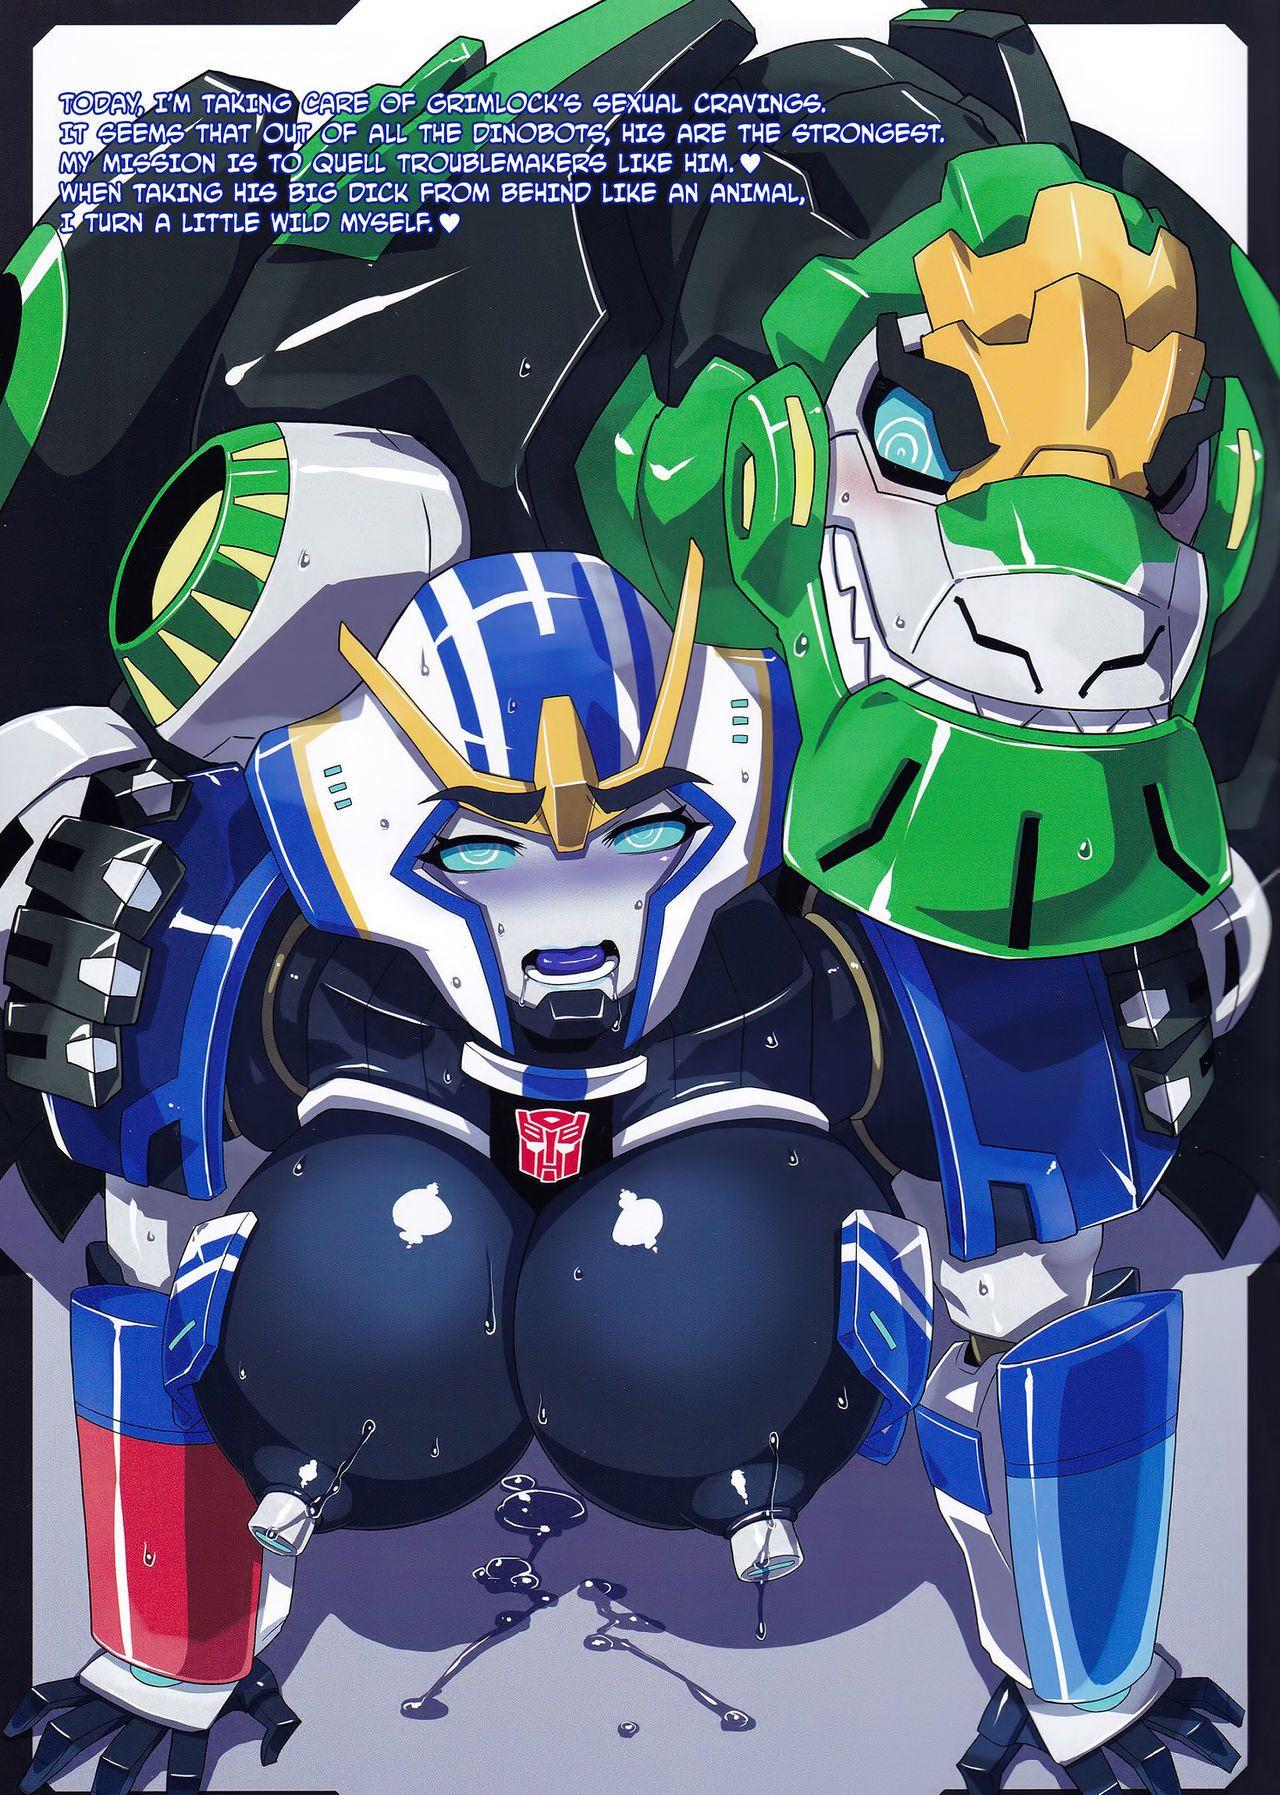 (COMIC1☆9) Choujikuu Yousai Kachuusha (Denki Shougun) Strong Girls (Transformers) =TLL + CW=